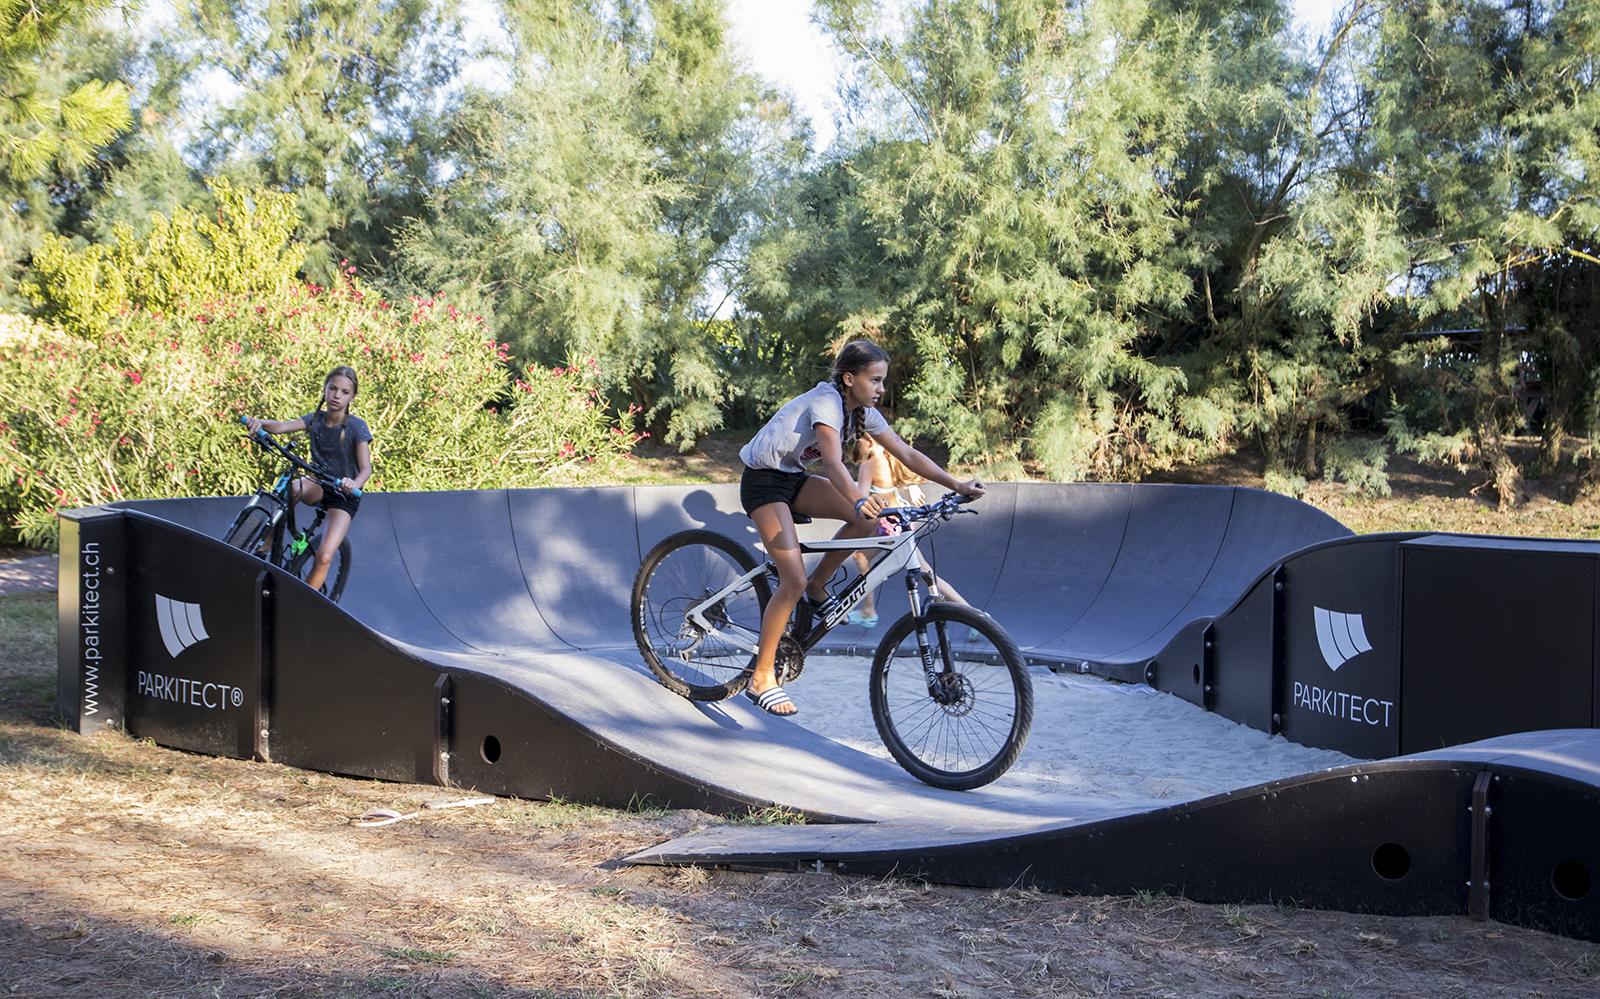 6-Fahrrad-Roller-kids-kinder-spass-Cavallino